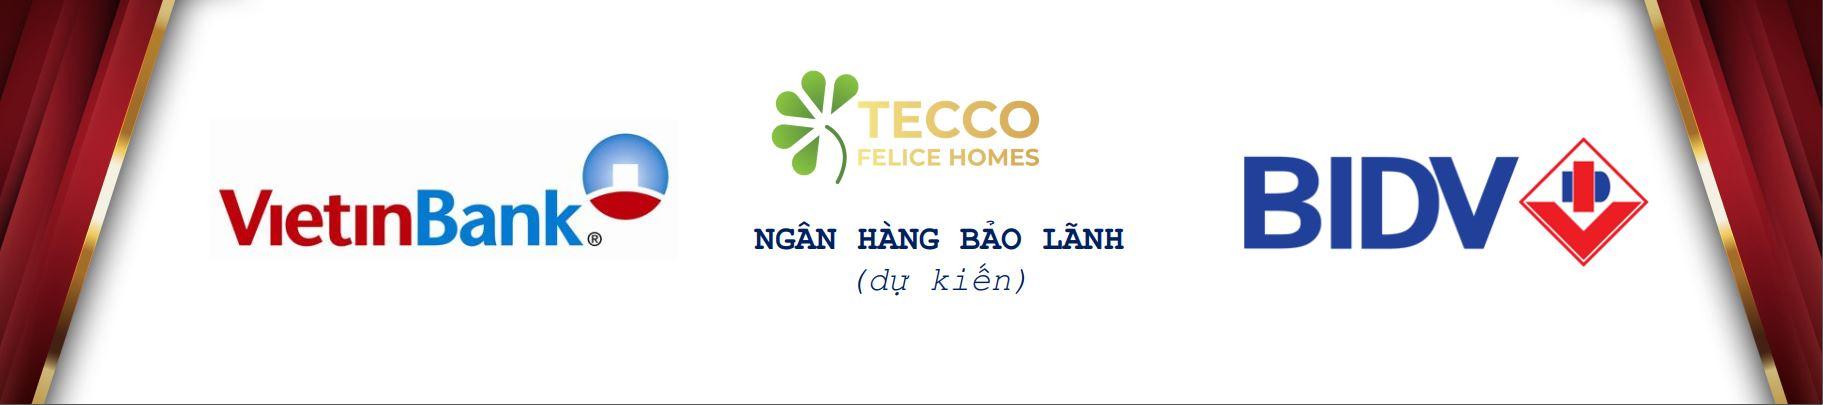 Ngân hàng cho vay Tecco Felice Homes